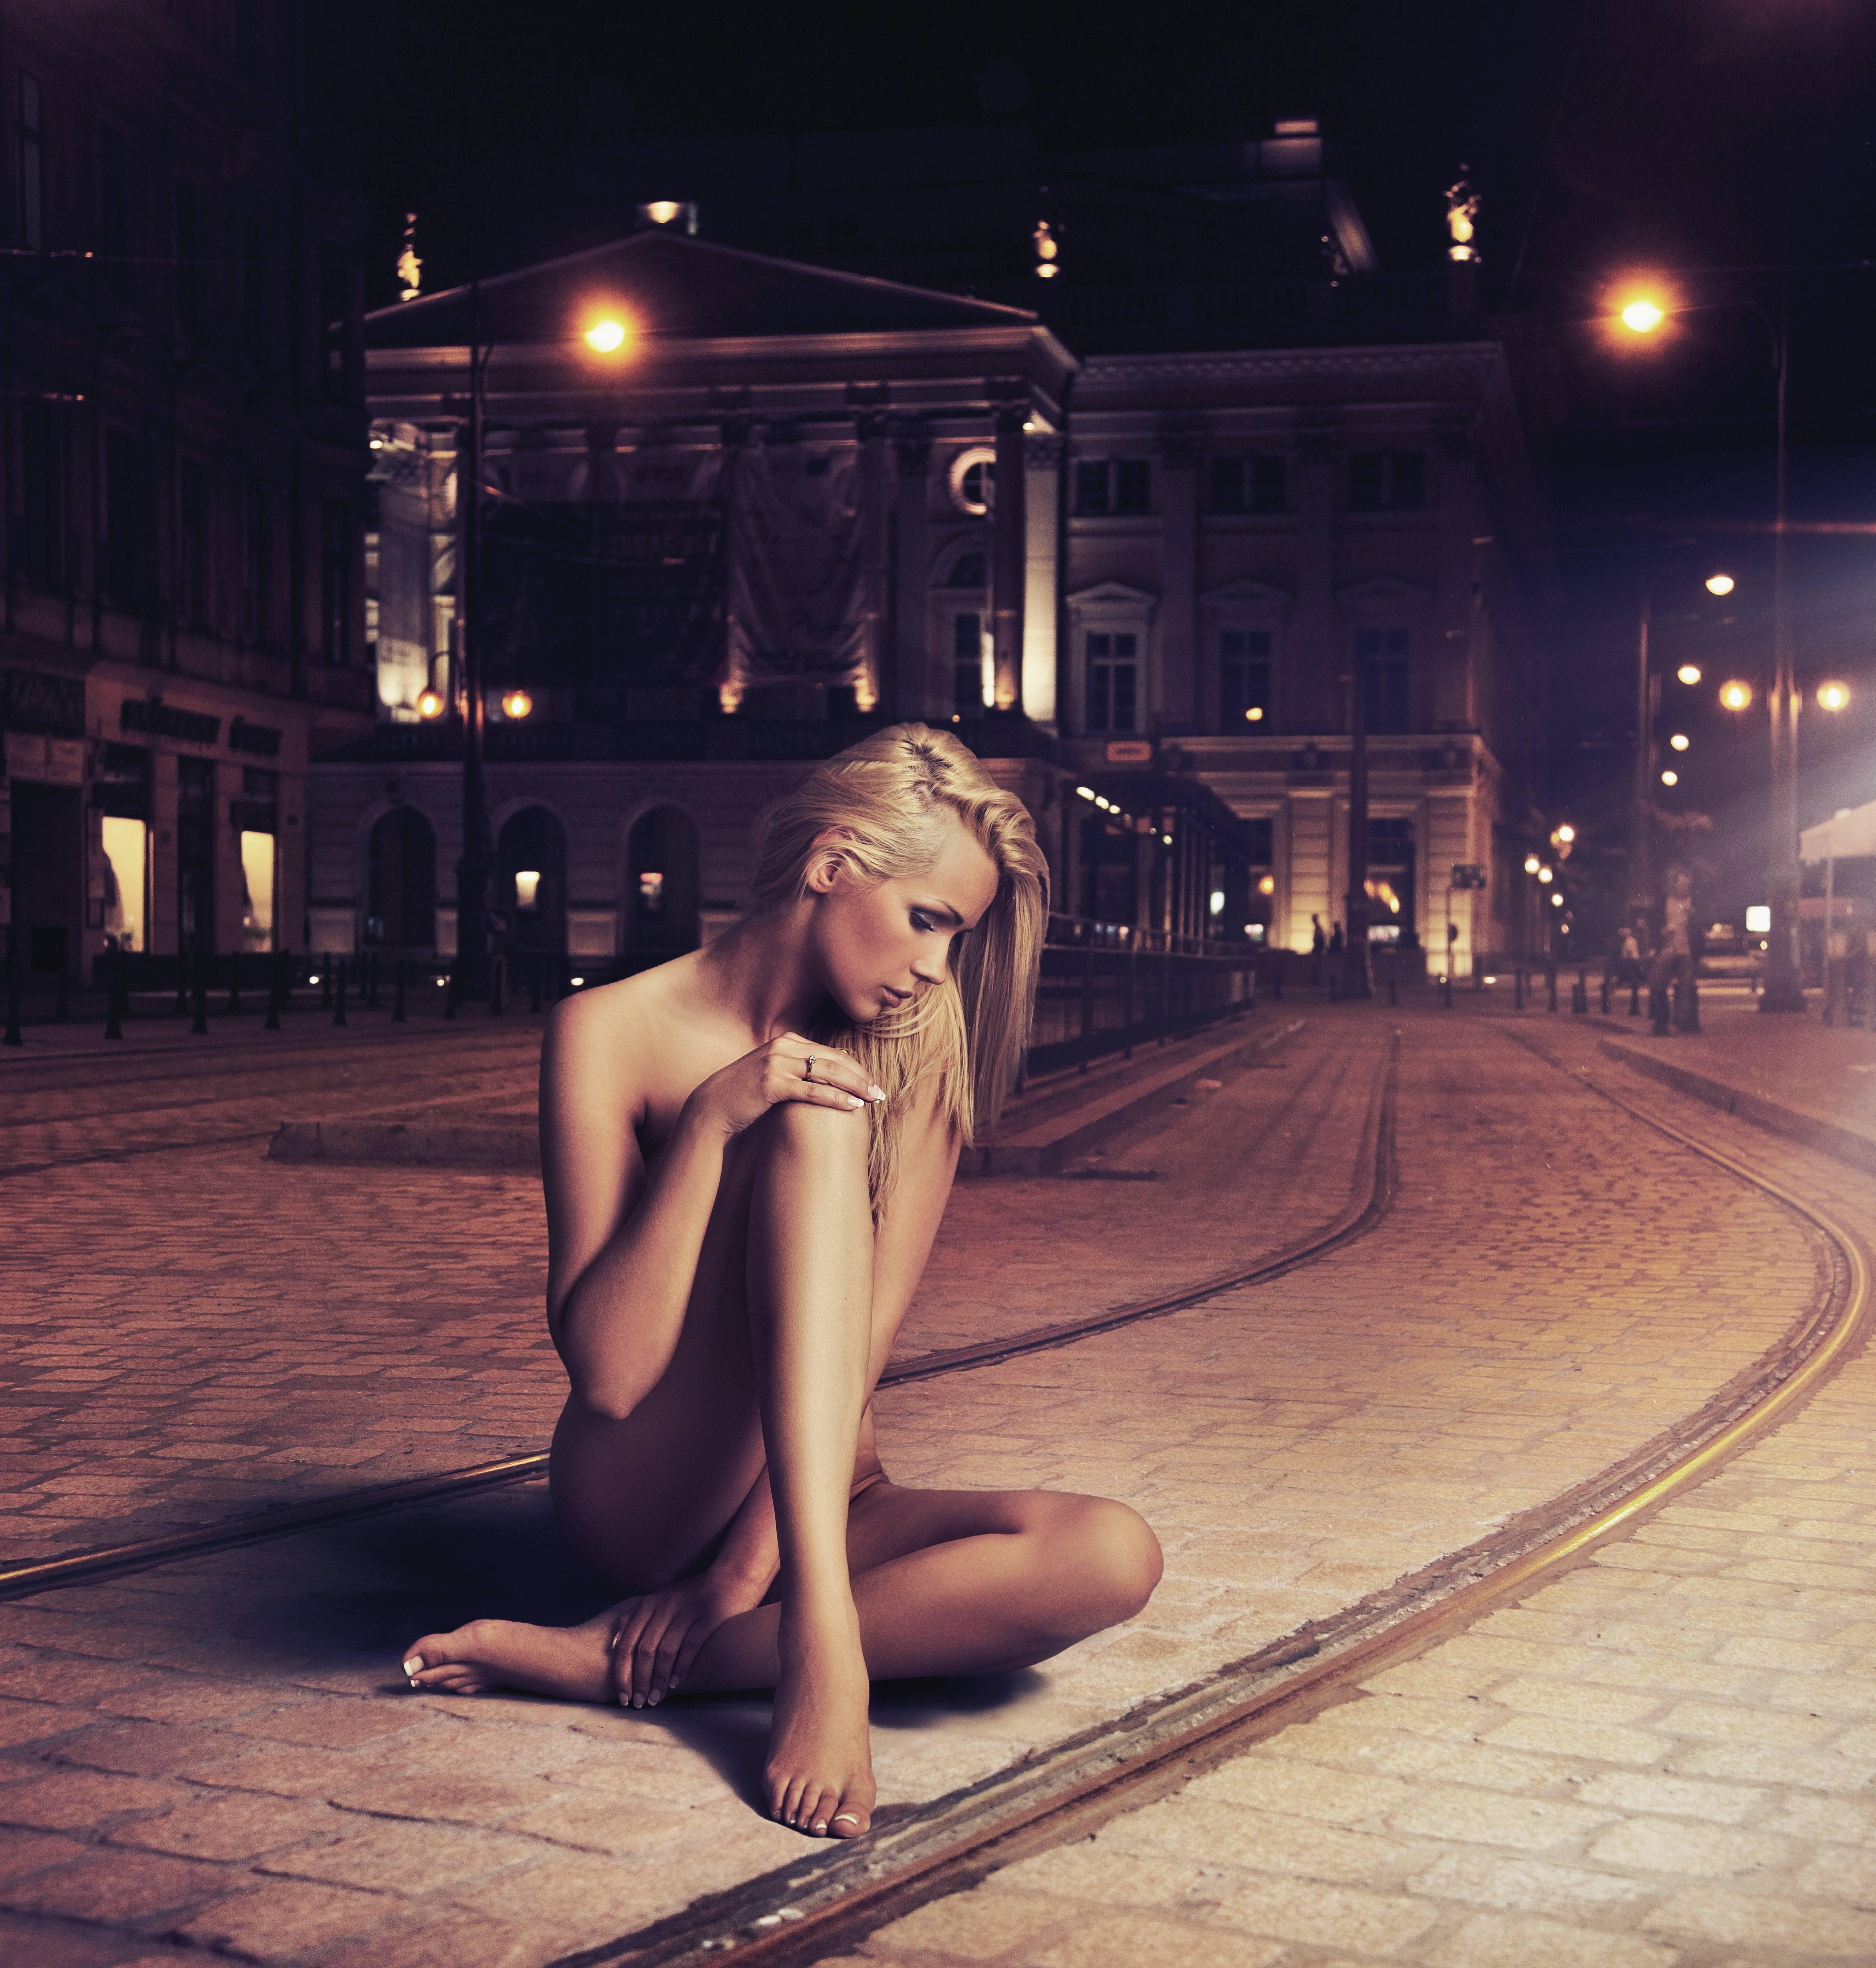 обои трамвайный путь, ночь, девушка, ситуация картинки фото